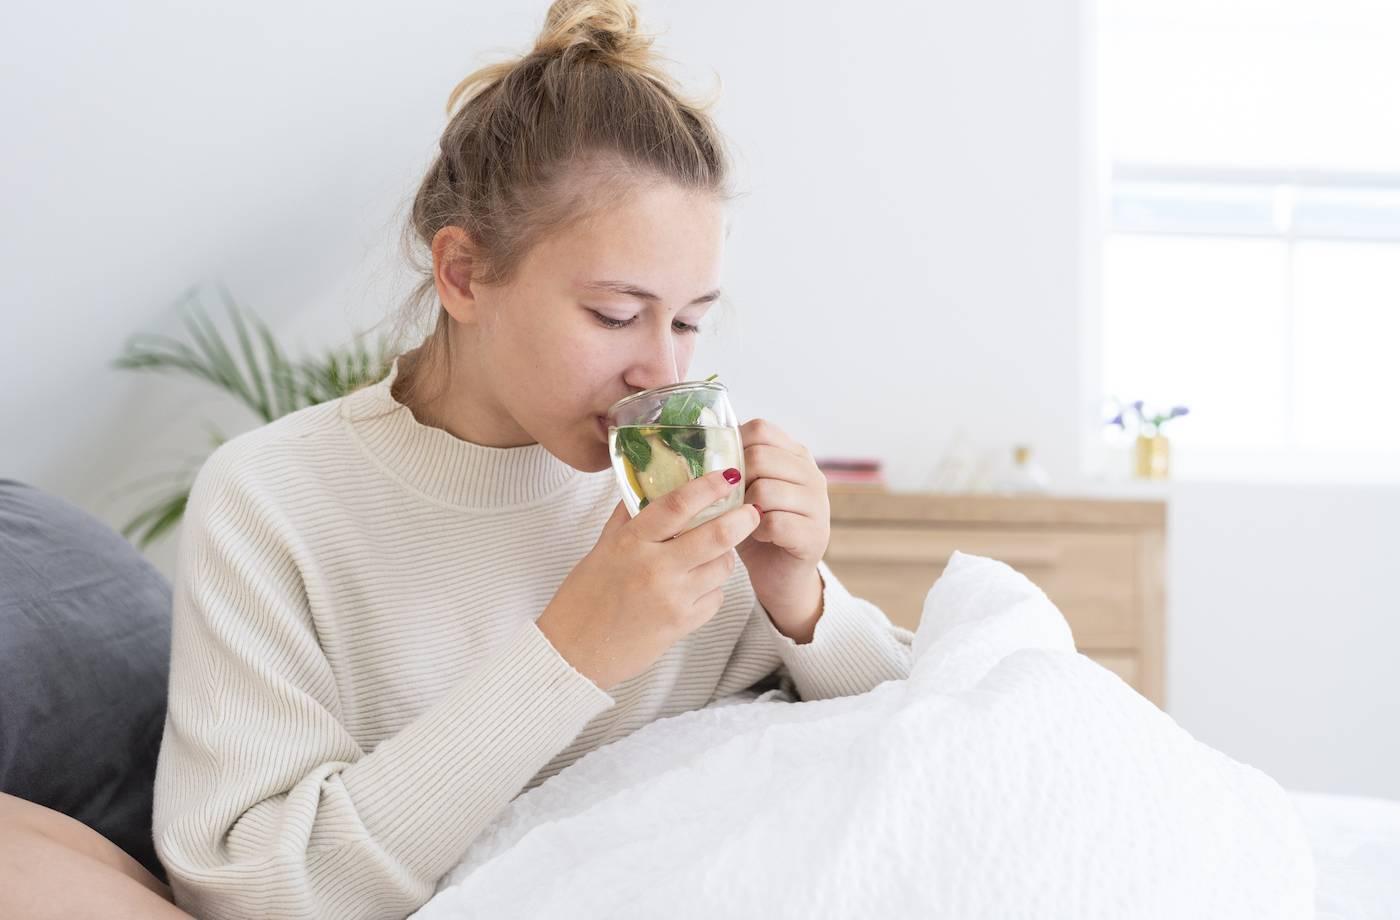 Как вылечить ангину  в домашних условиях быстро и правильно